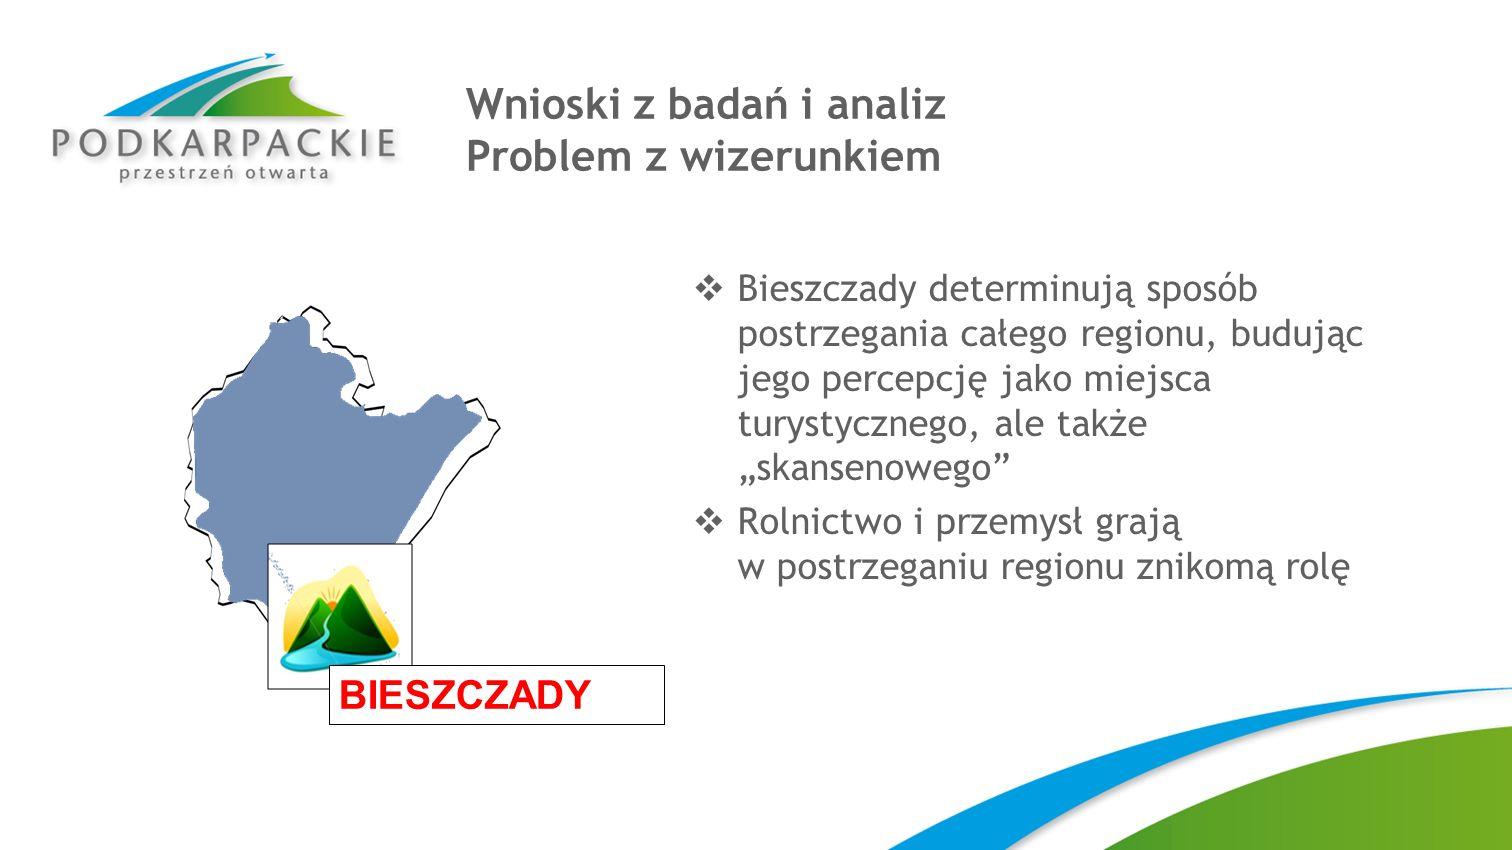 Najważniejsze grupy docelowe - gospodarka Inwestor lotniczy (Polska i zagranica) – Firmy związane z przemysłem lotniczym, produkujące części i podzespoły samolotowe, prowadzące badania, szkolące pilotów itp.